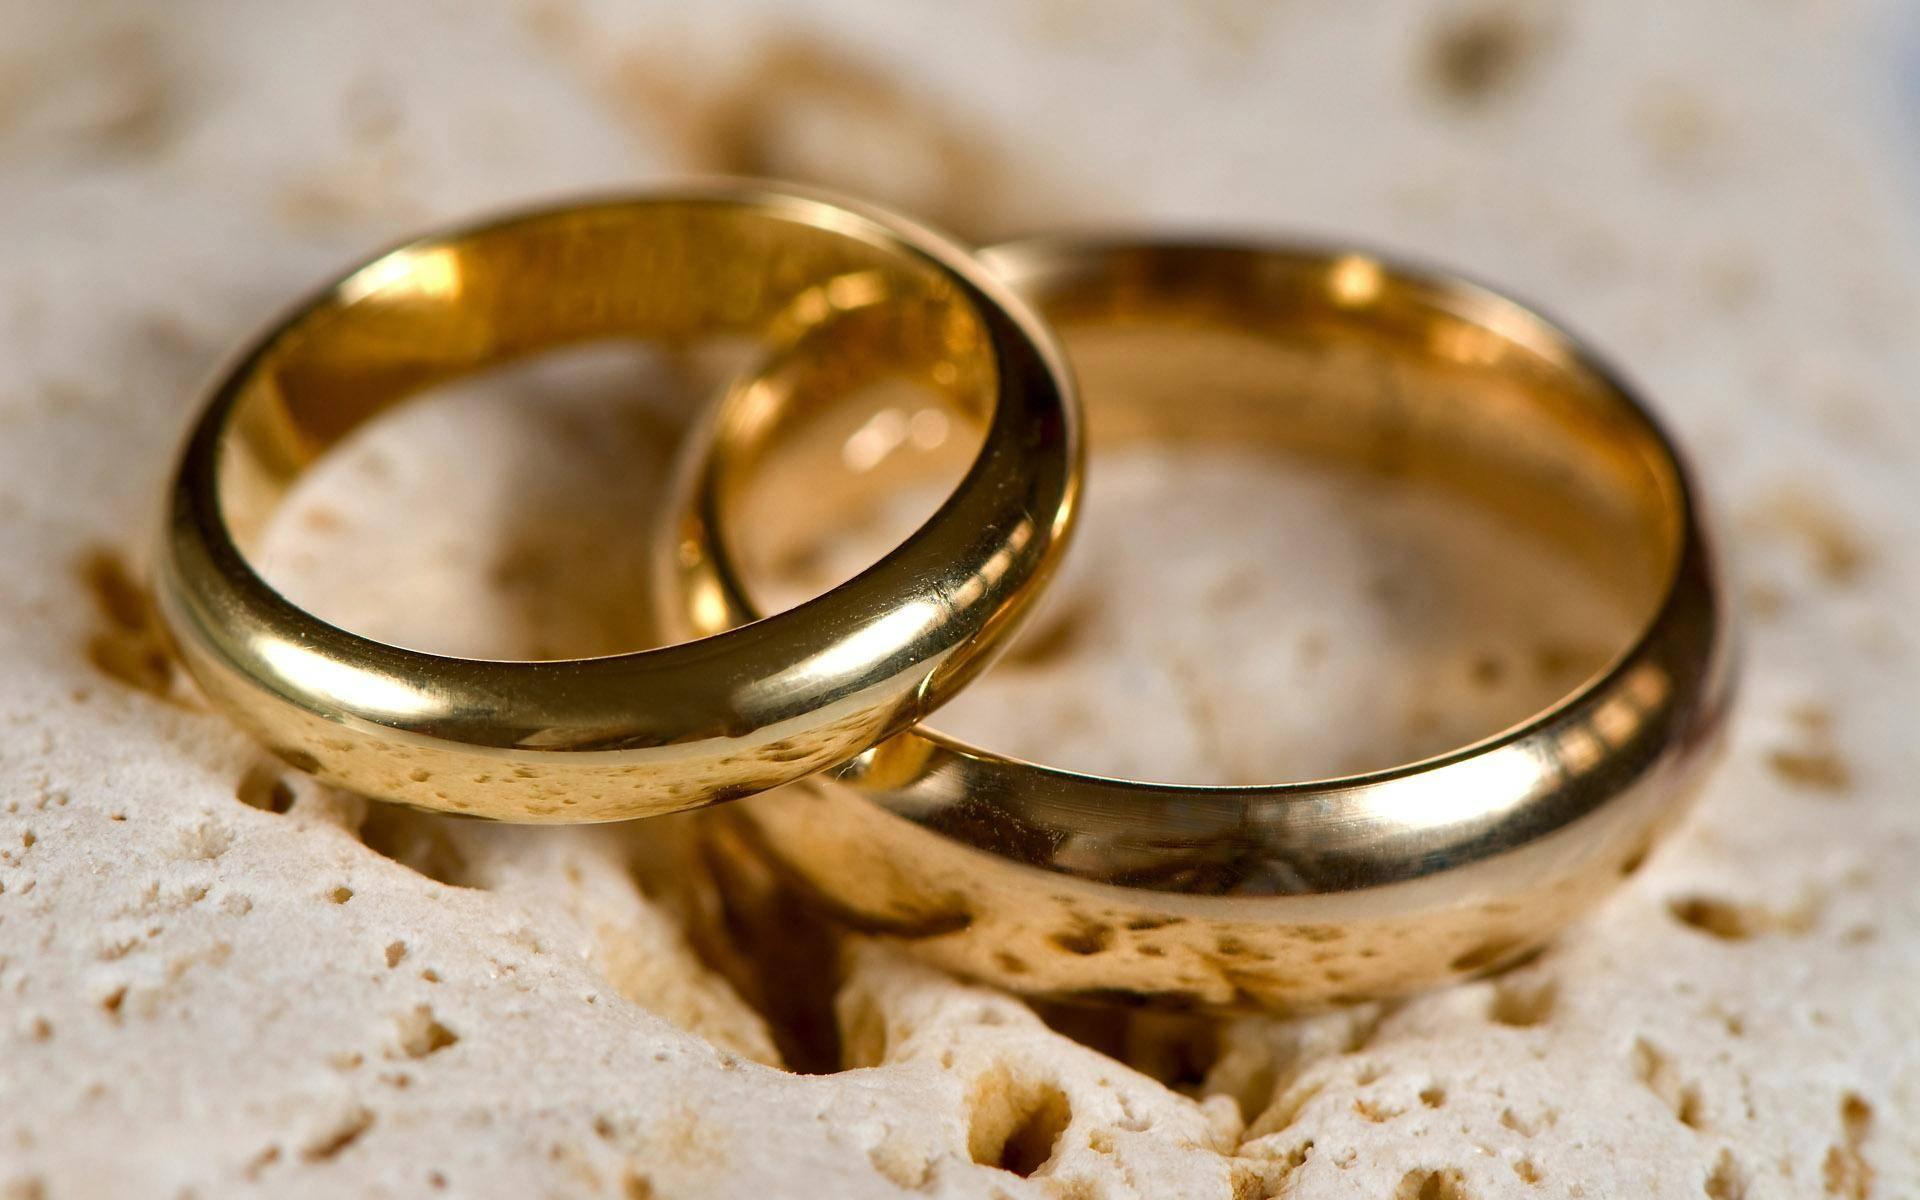 حساسیت های بی مورد در انتخاب همسر چگونه ایجاد می شود؟!